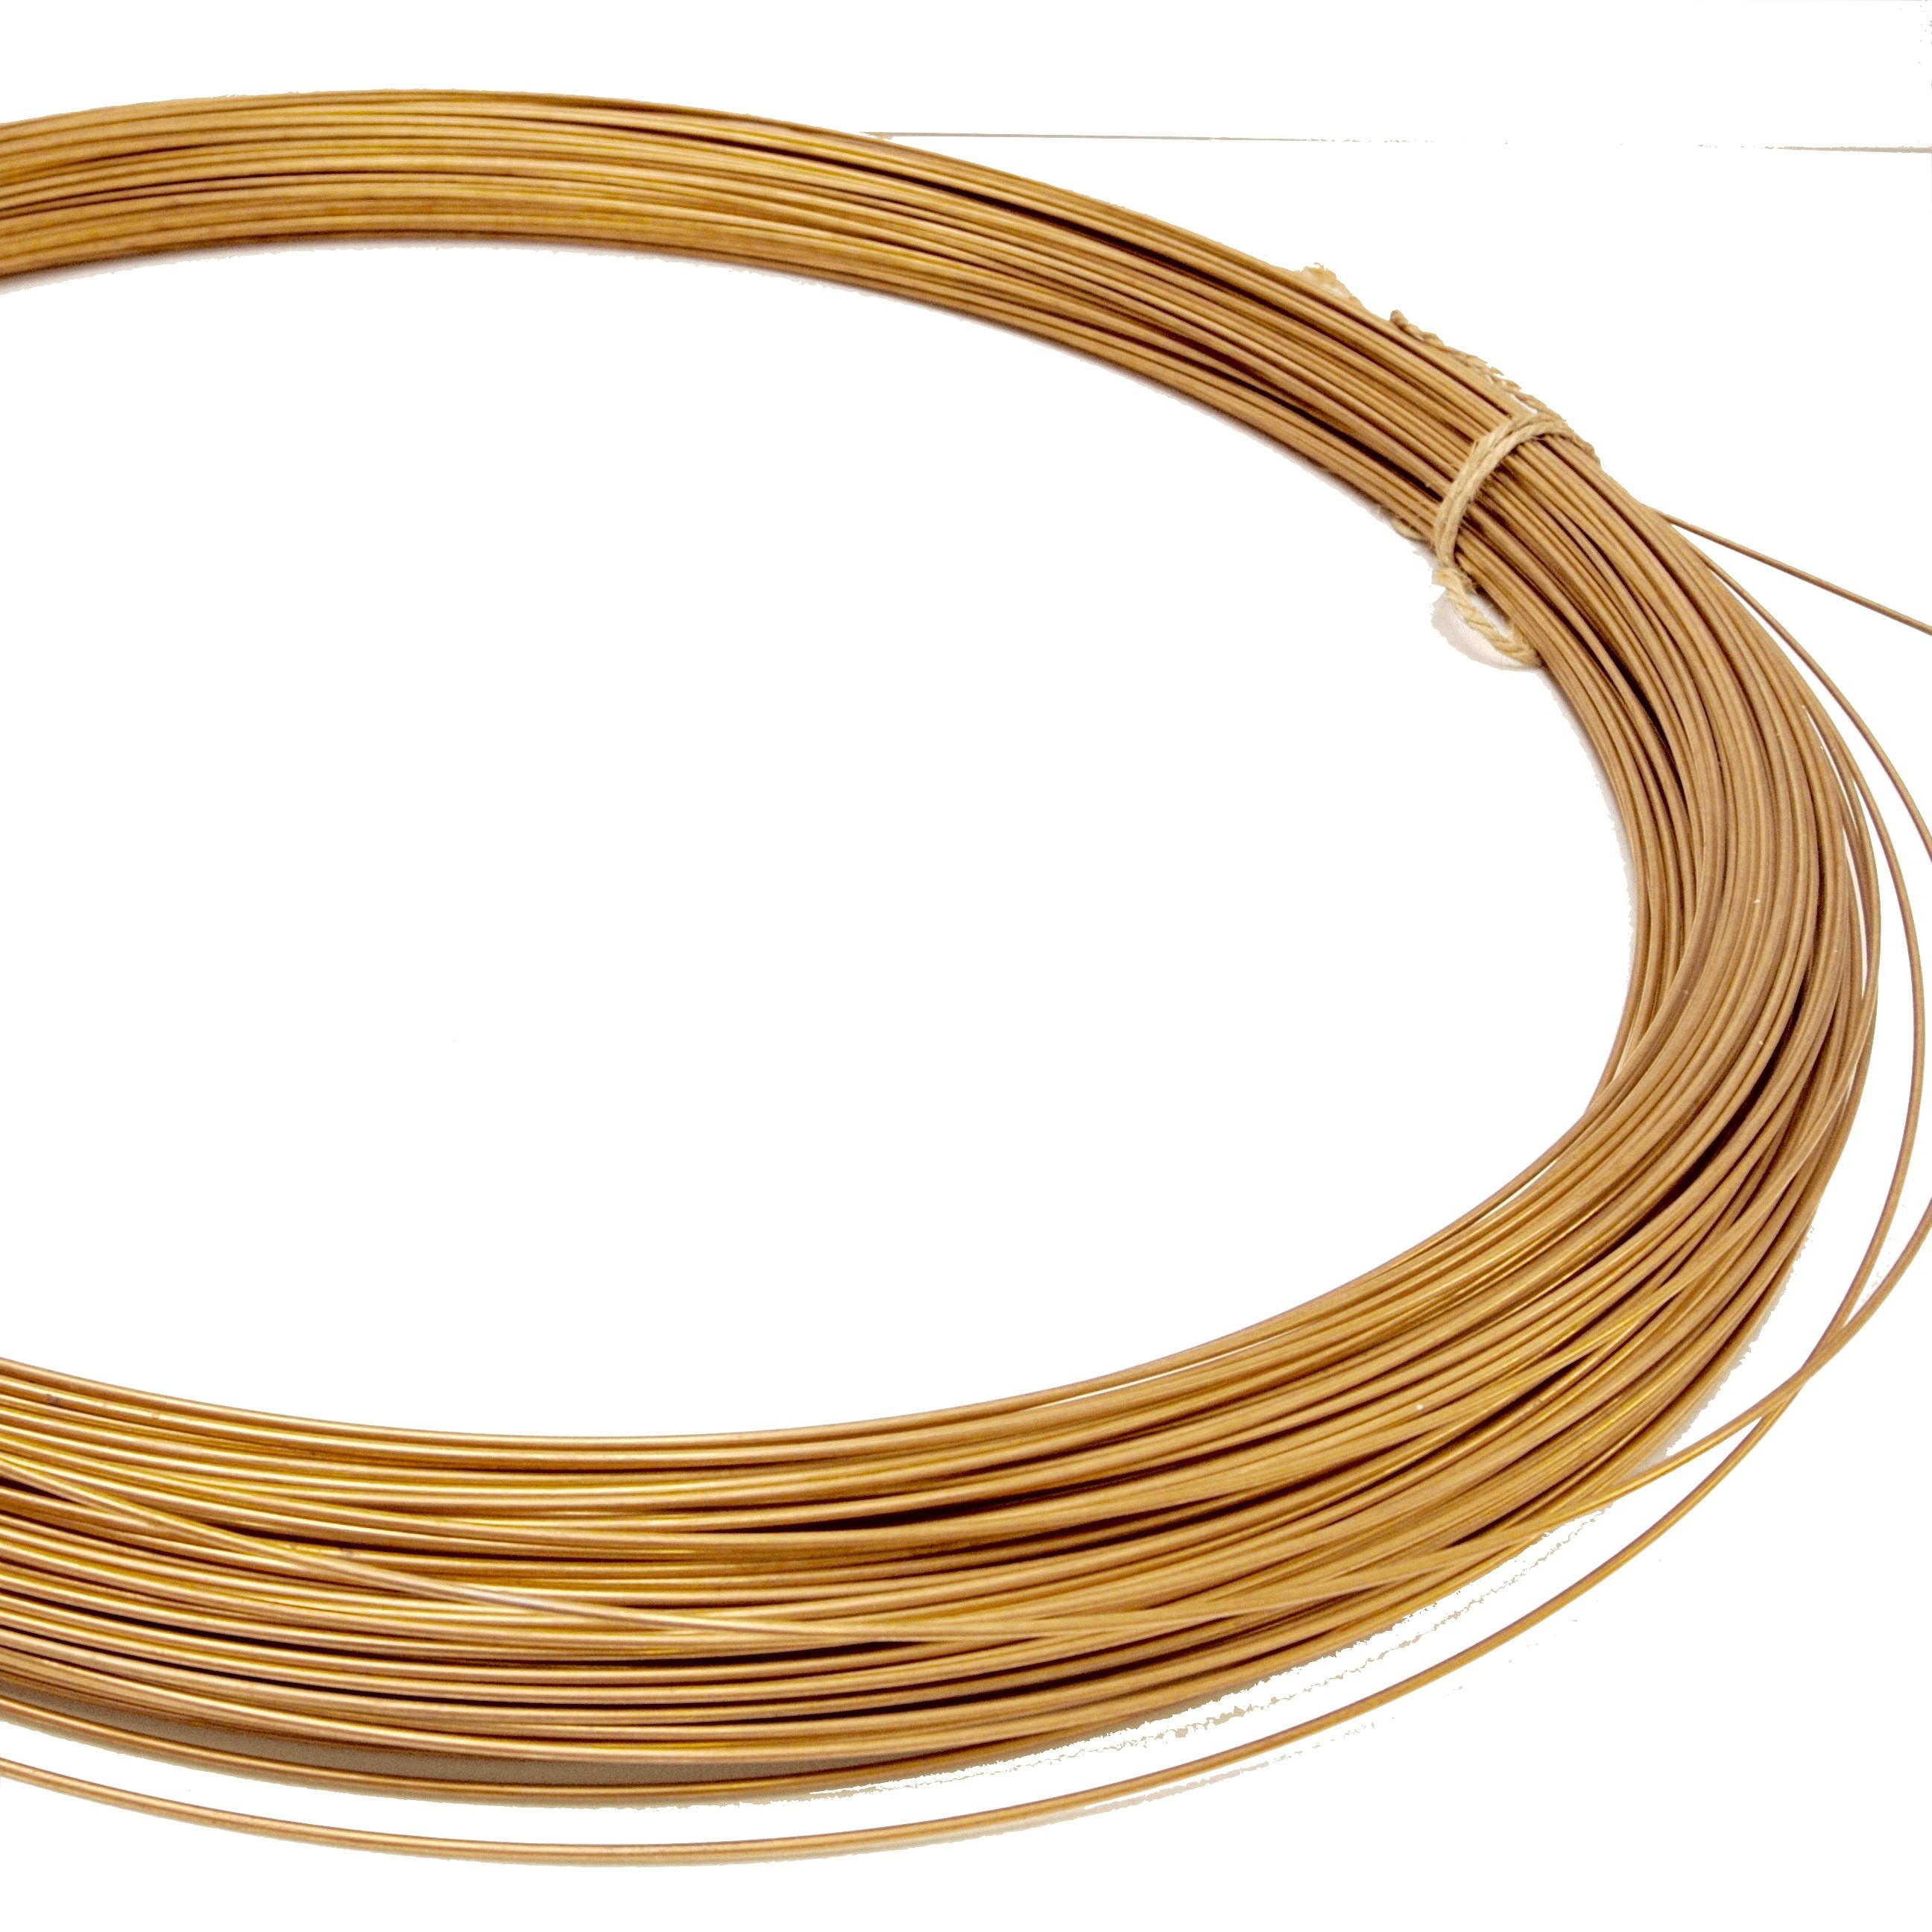 Jeu de cables de d/émarrage cuivre souple pinces bronze 850 Amp/ères